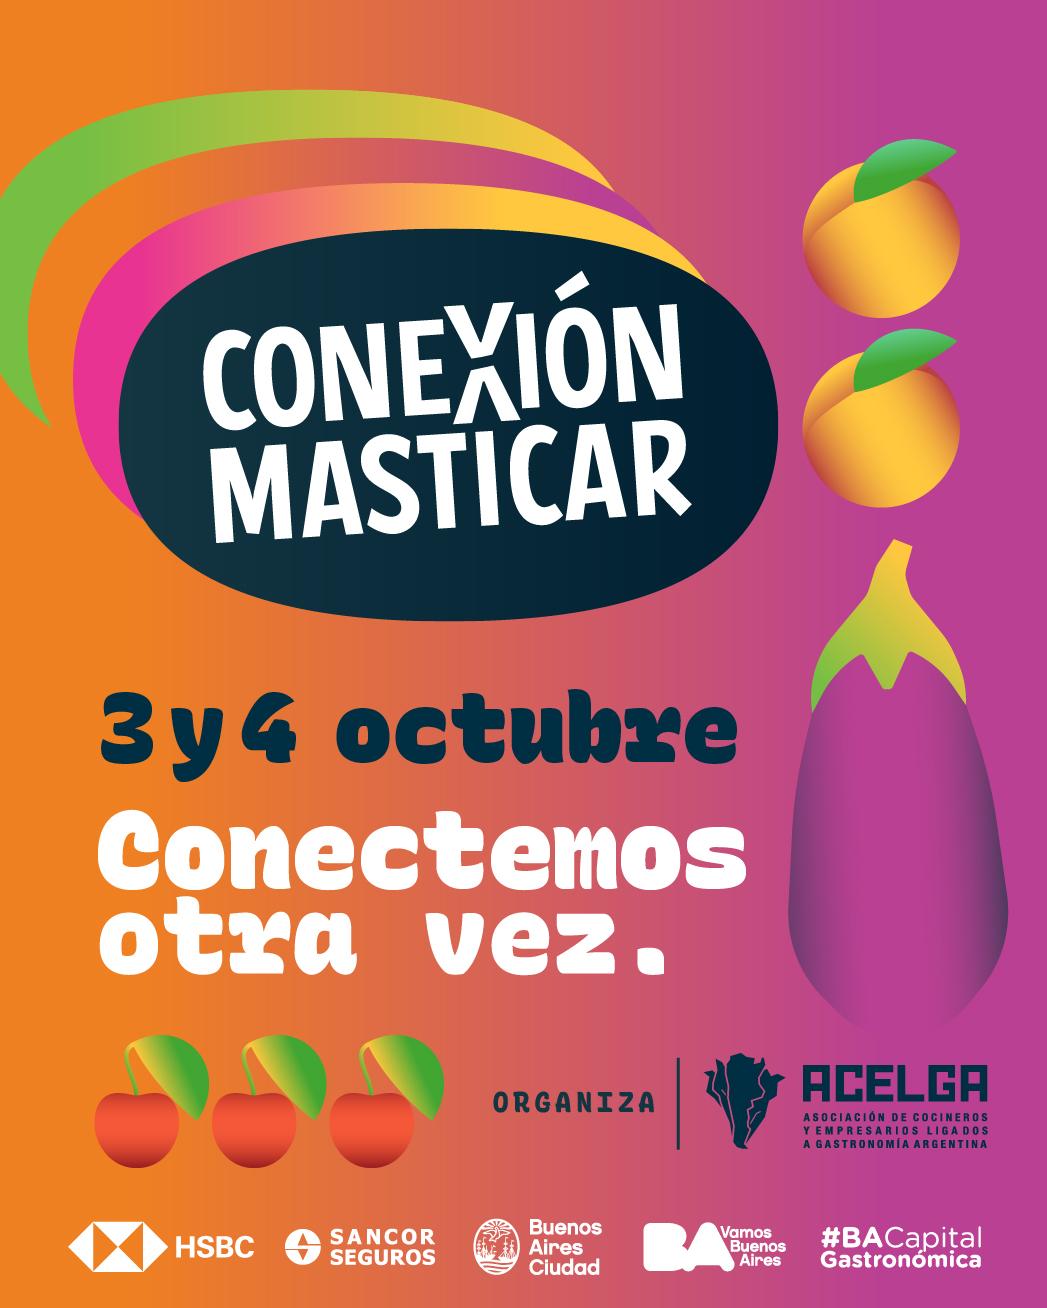 Conexión Masticar - Placa Feed + Whatsapp